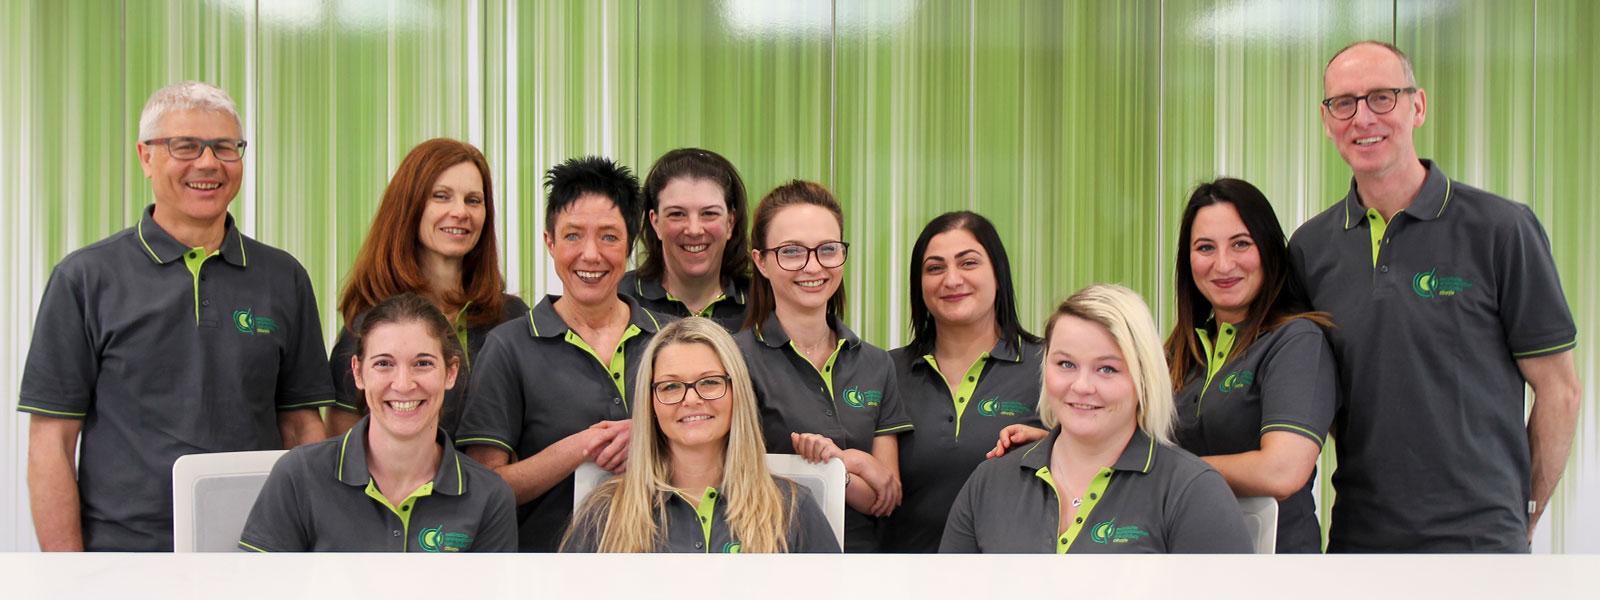 Das Team des MVZ Klinik Günzburg Chirurgie